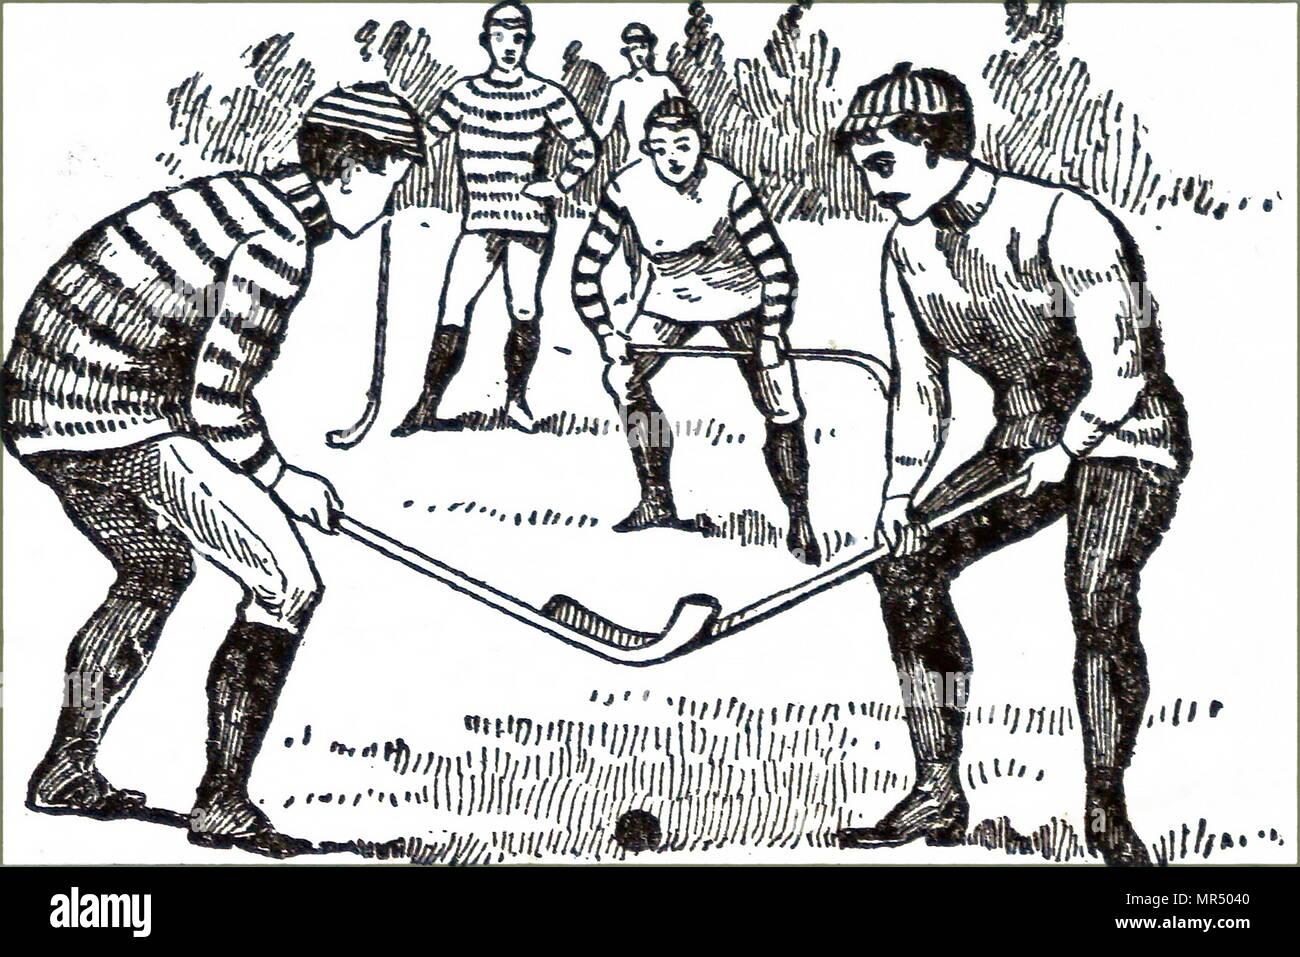 Illustrazione raffigurante Uomini giocando una partita di hockey su prato. In data xx secolo Immagini Stock